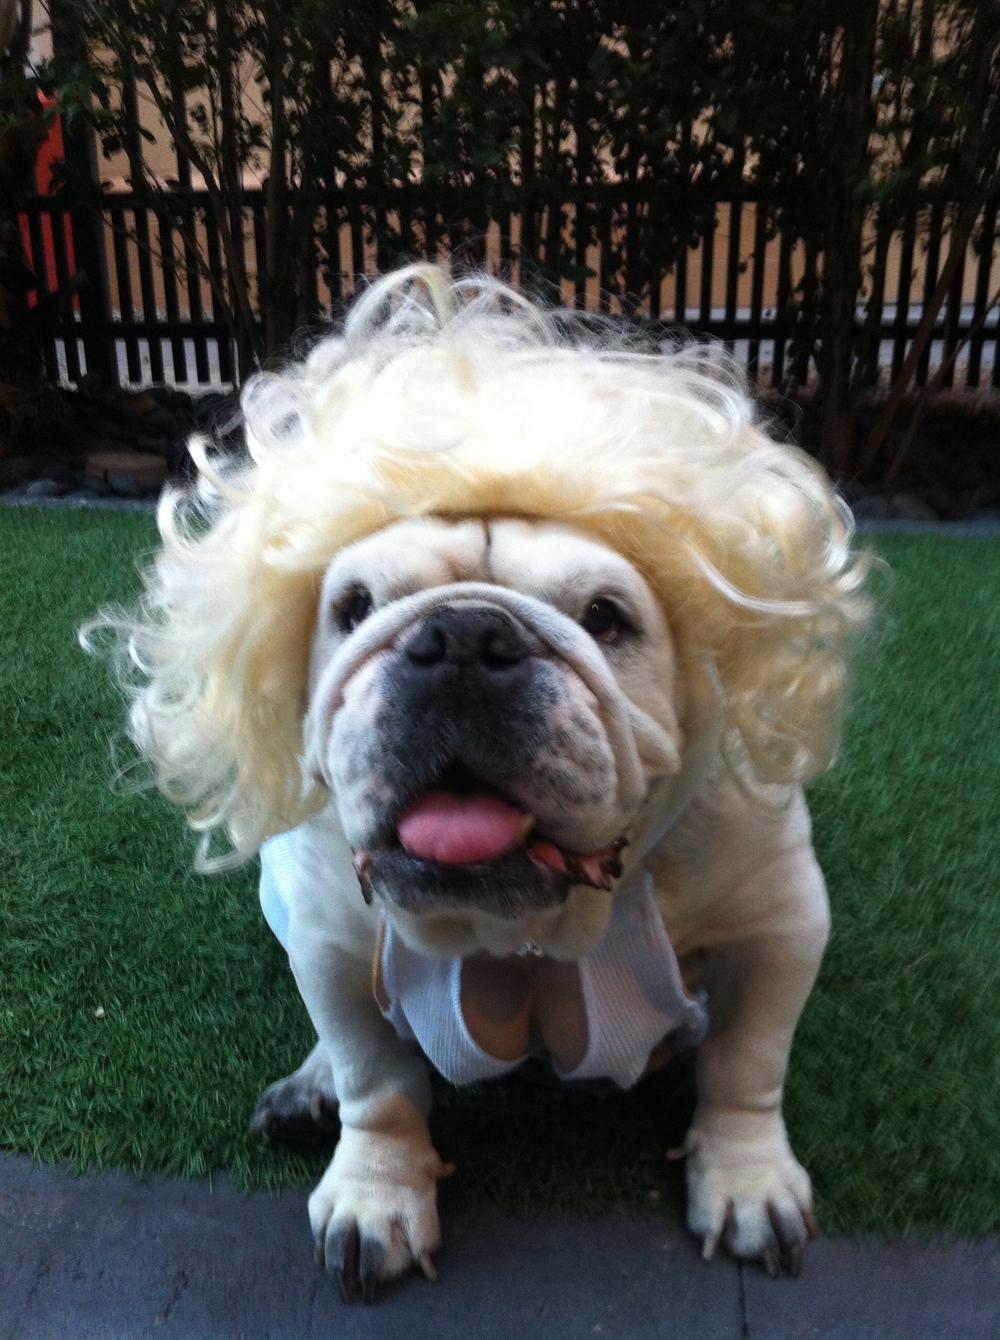 Juliet dressed as Marilyn Monroe